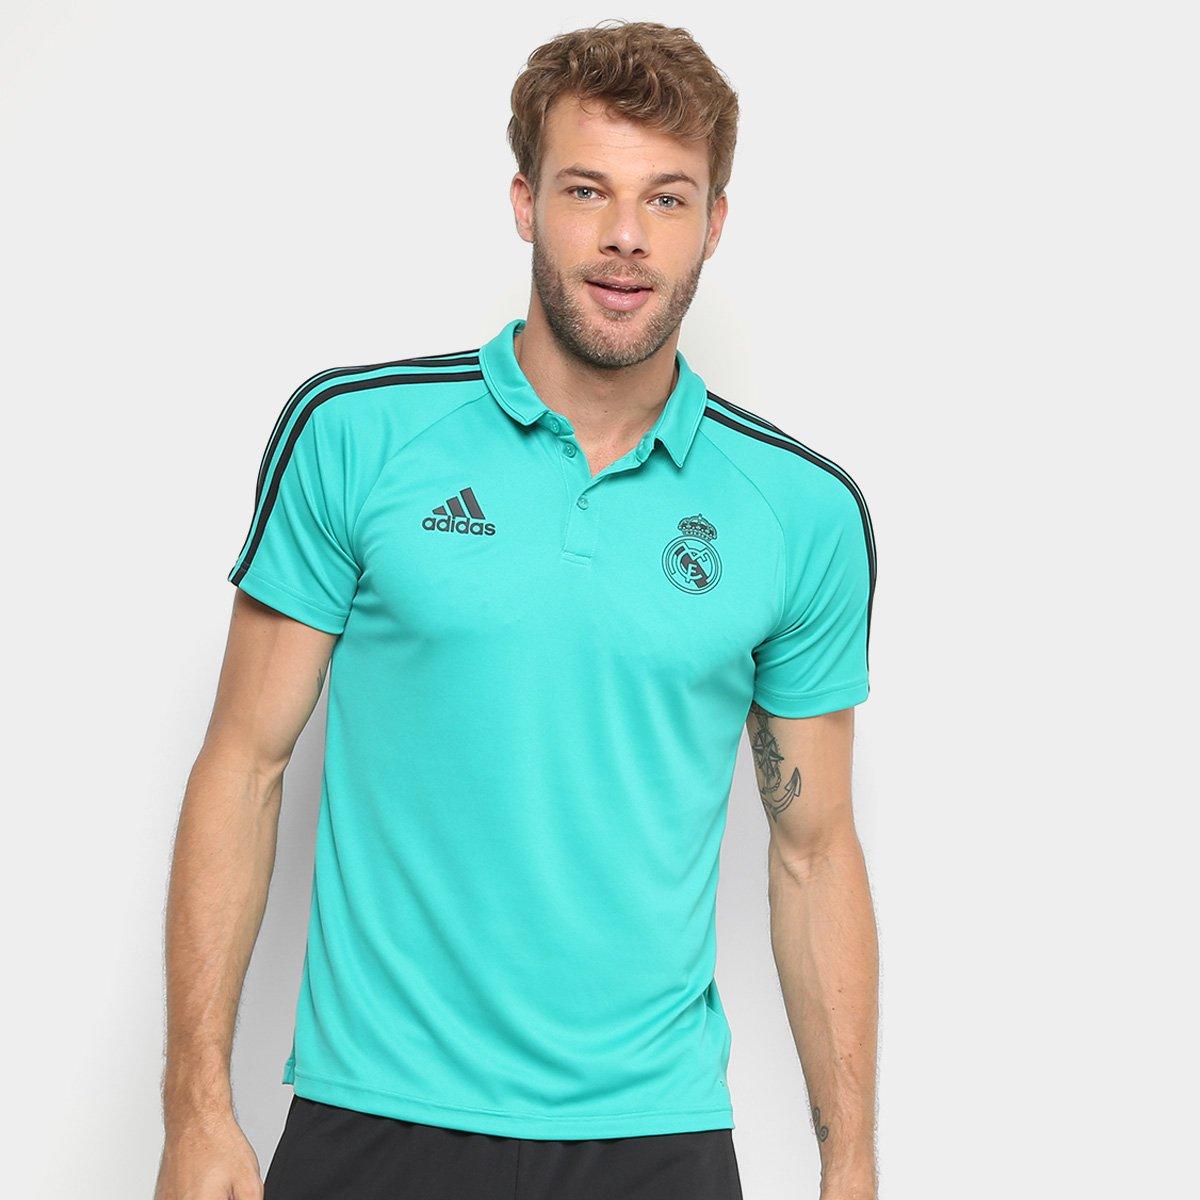 Camisa Polo Adidas Real Madrid Viagem Masculina - Compre Agora ... 4891696963f46